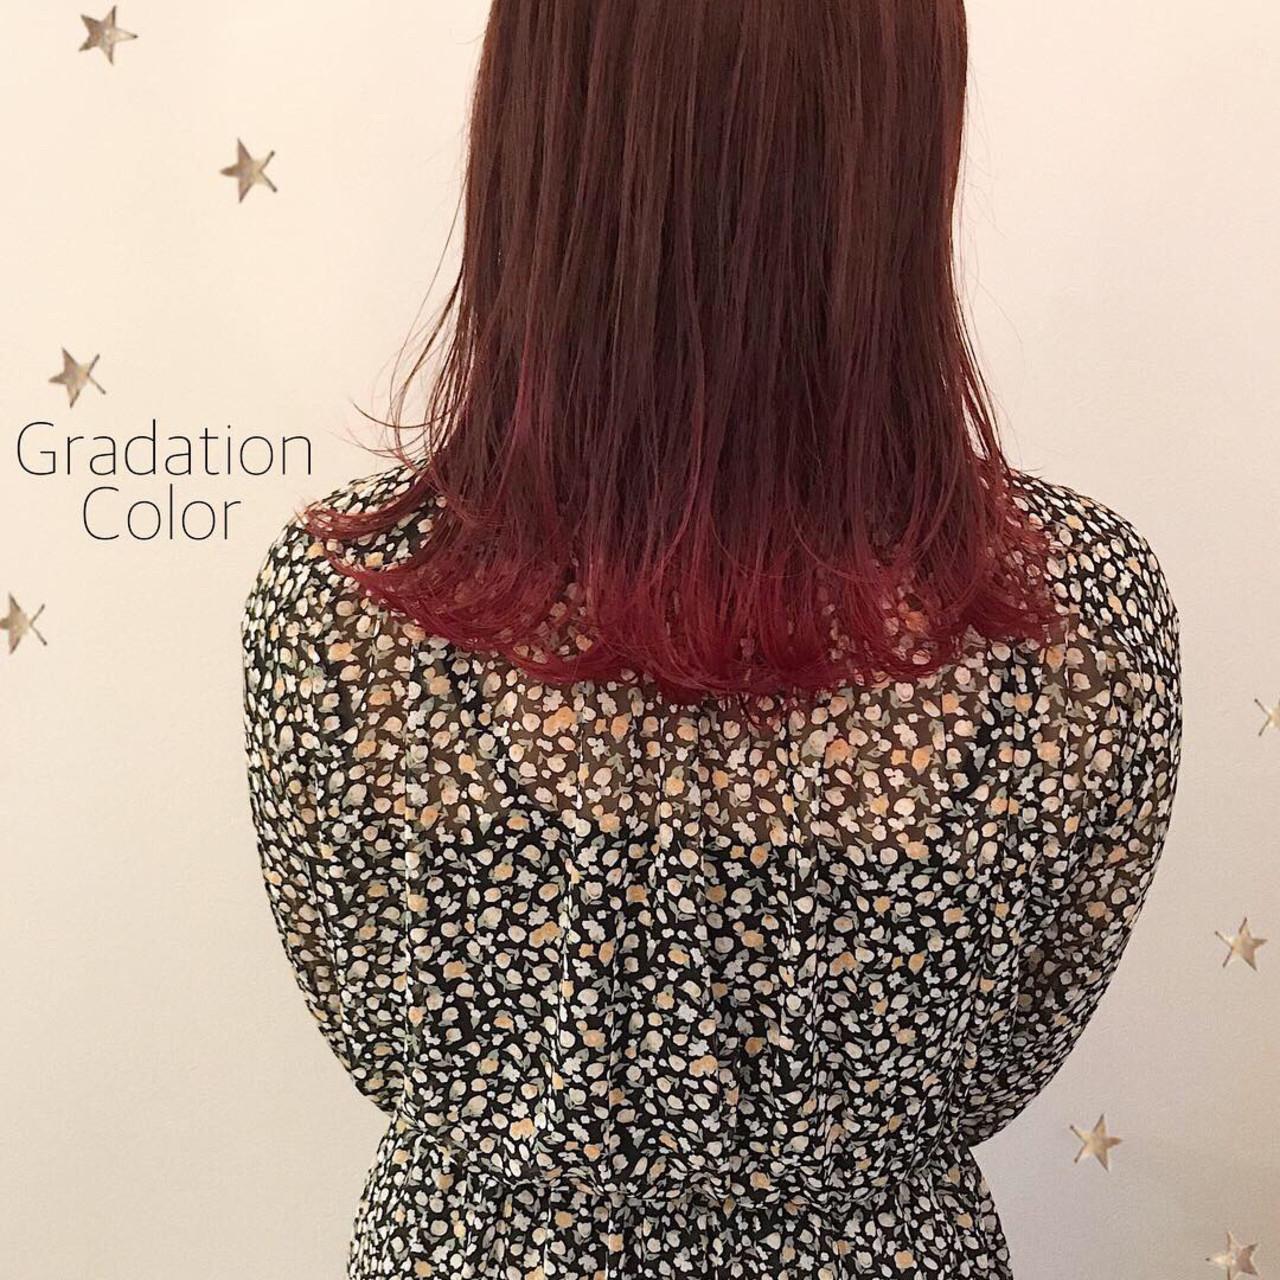 ミディアム ストリート ワンカール グラデーション ヘアスタイルや髪型の写真・画像